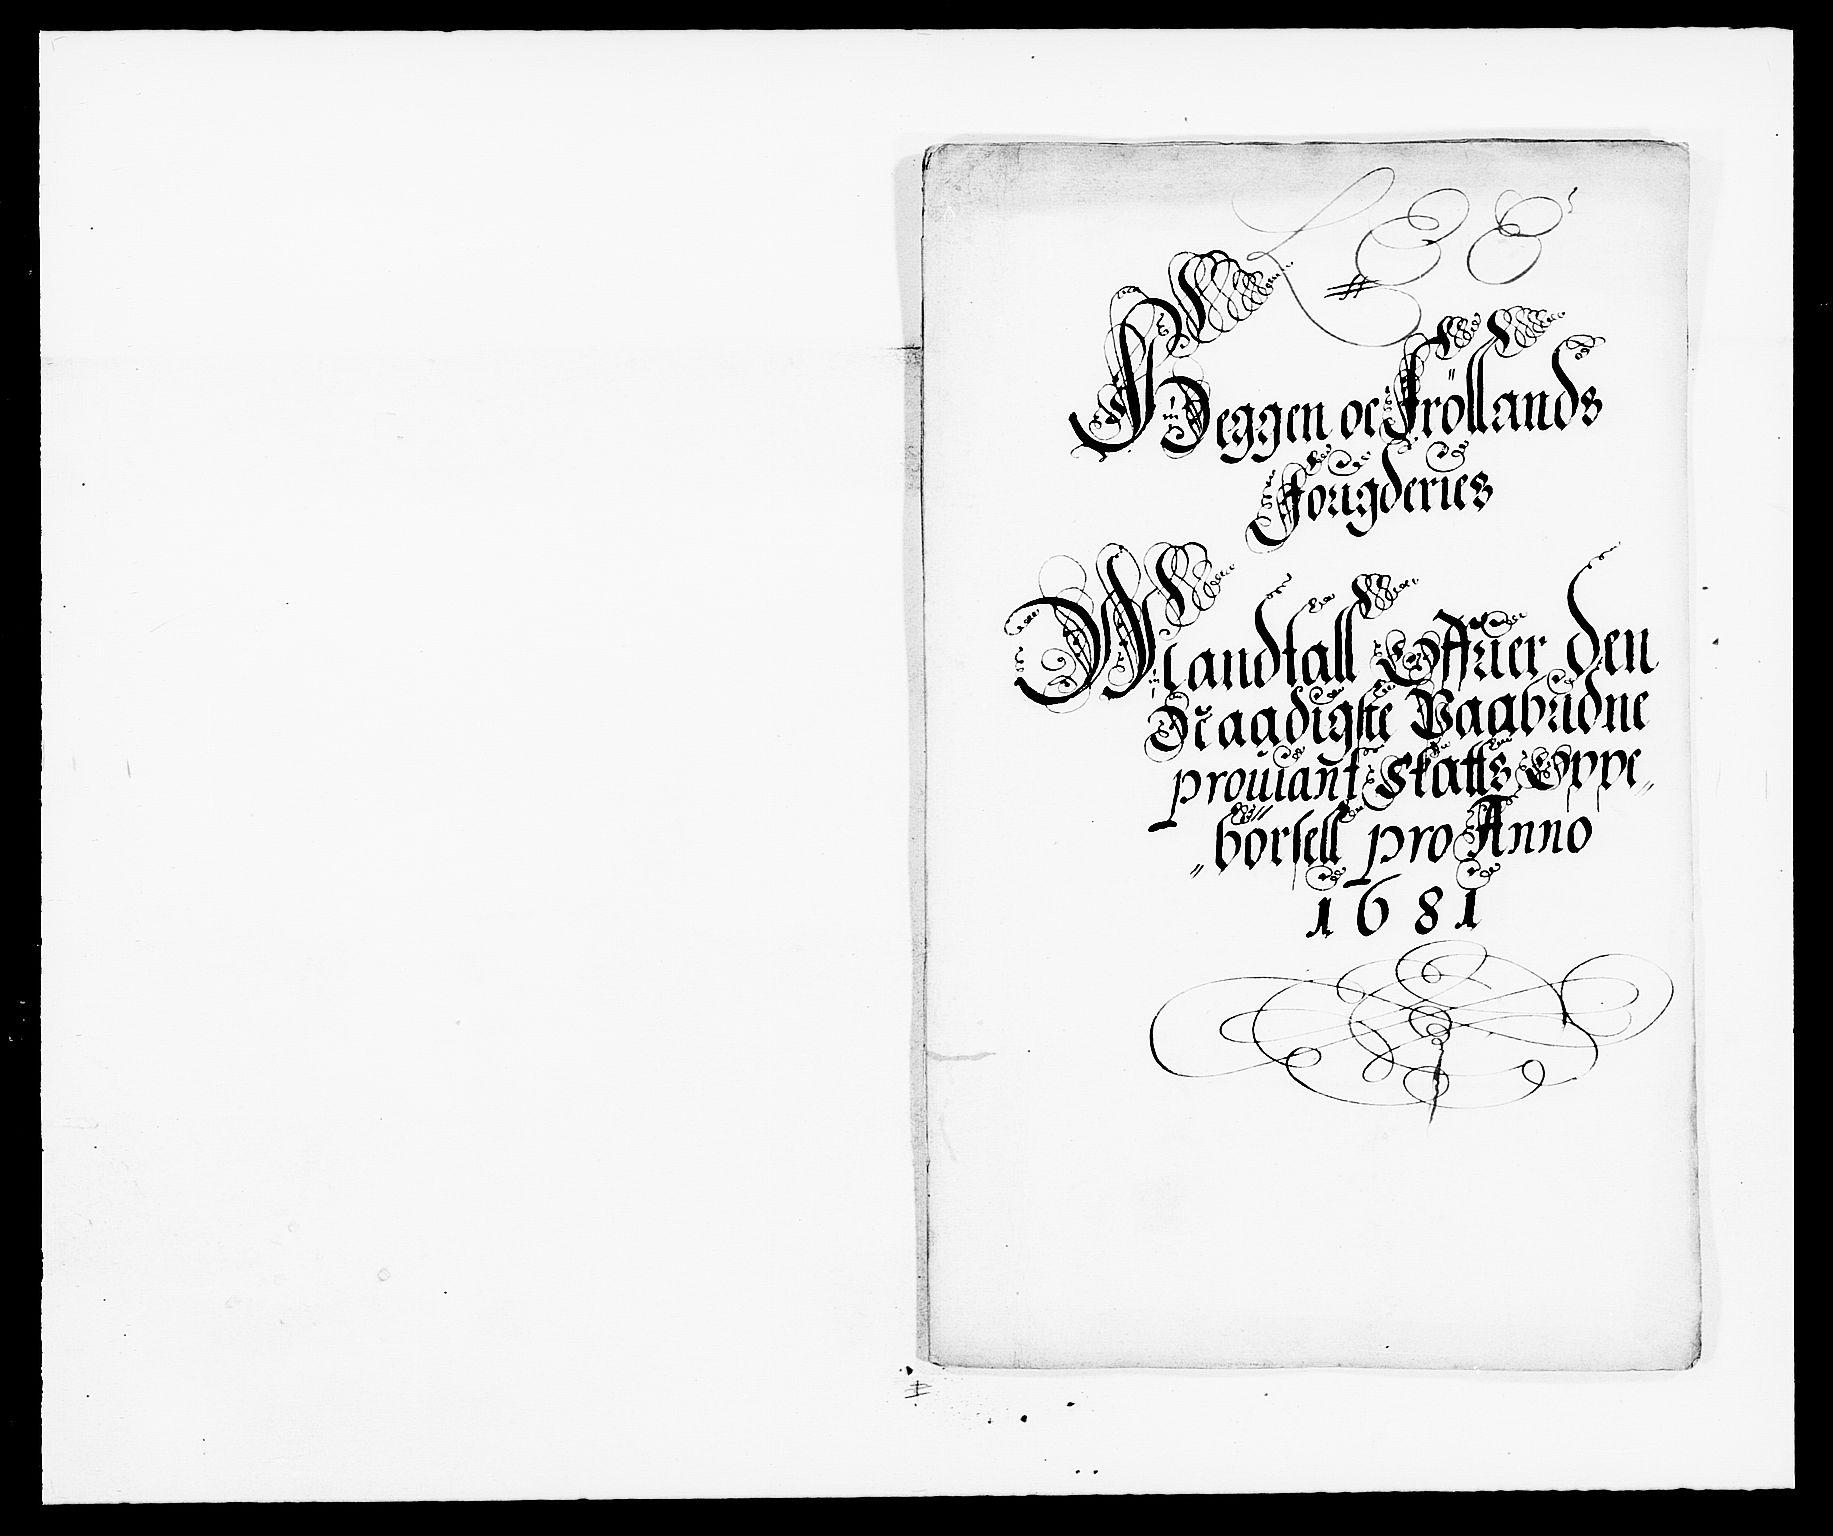 RA, Rentekammeret inntil 1814, Reviderte regnskaper, Fogderegnskap, R06/L0280: Fogderegnskap Heggen og Frøland, 1681-1684, s. 136